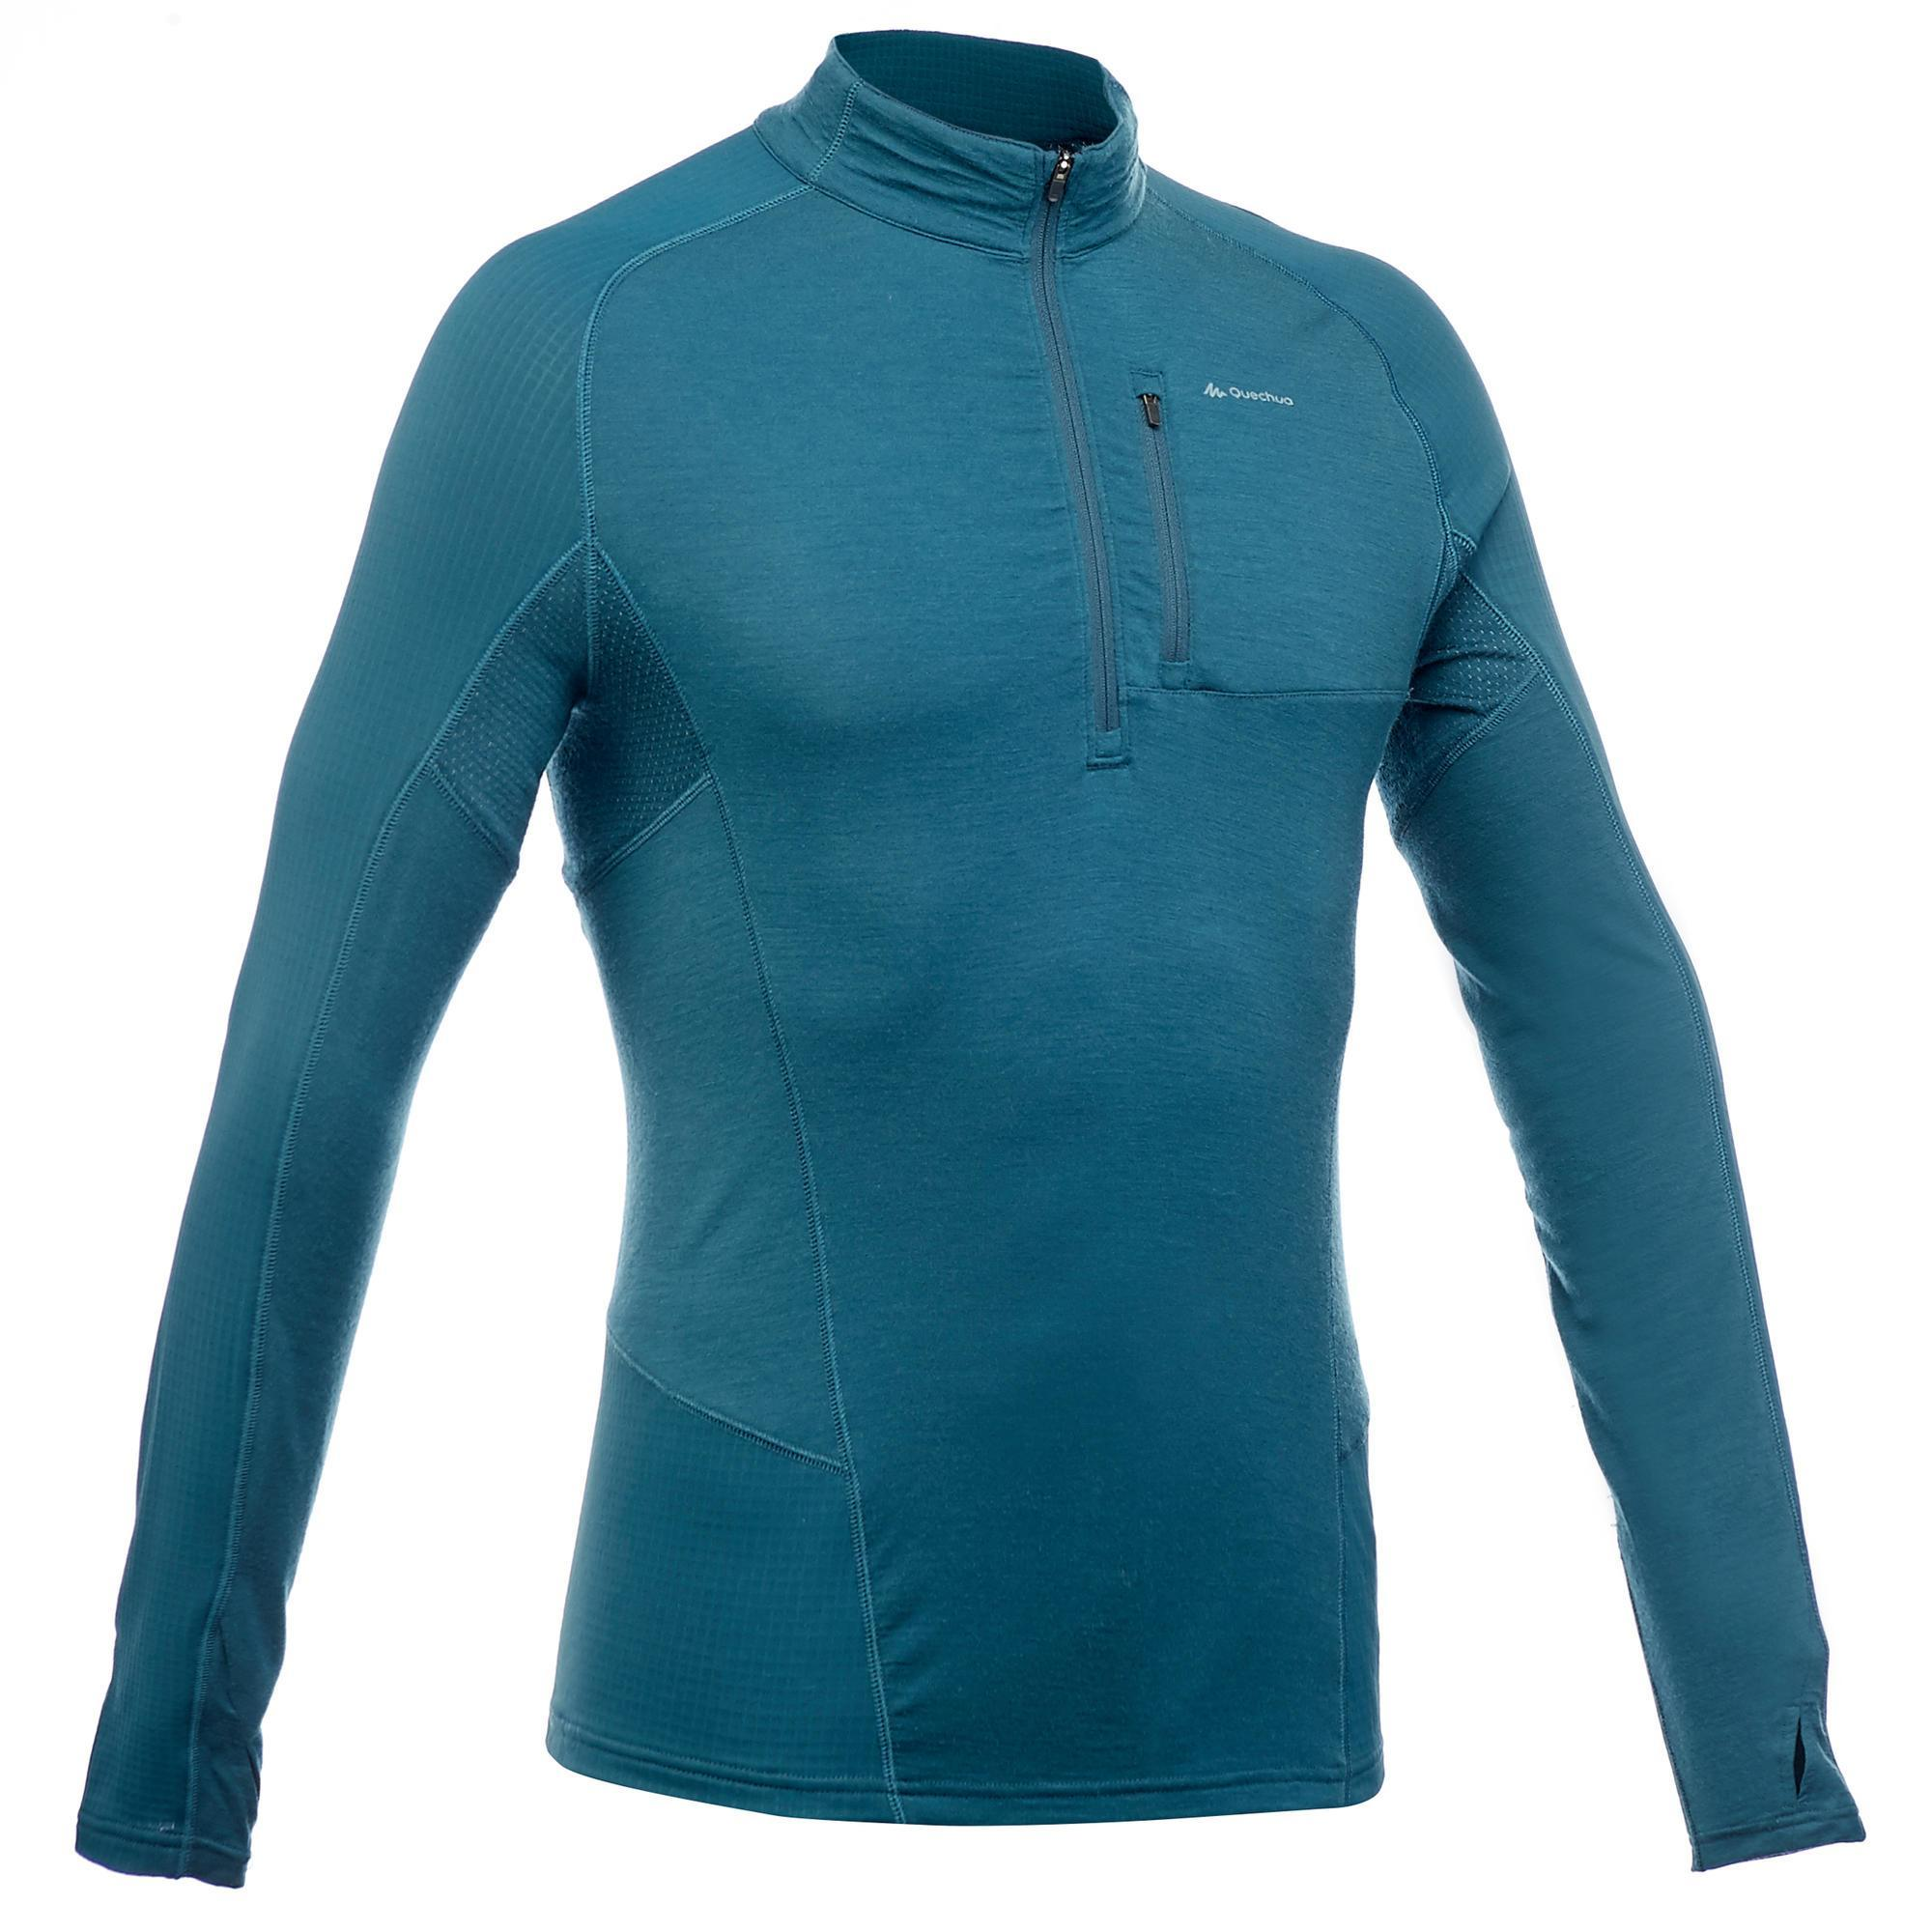 afbaff46fd0 Forclaz Heren T-shirt met lange mouwen voor bergwandelen Trek 900 ...